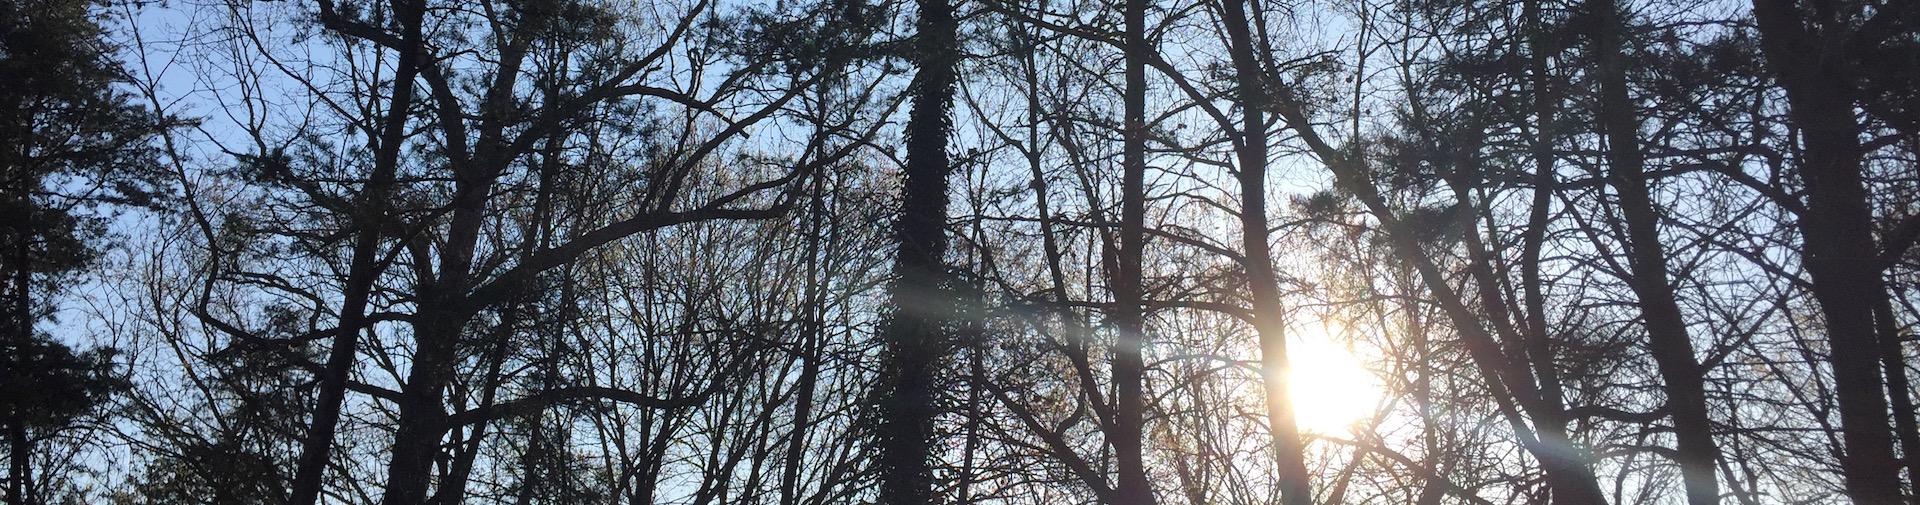 Trees 1920